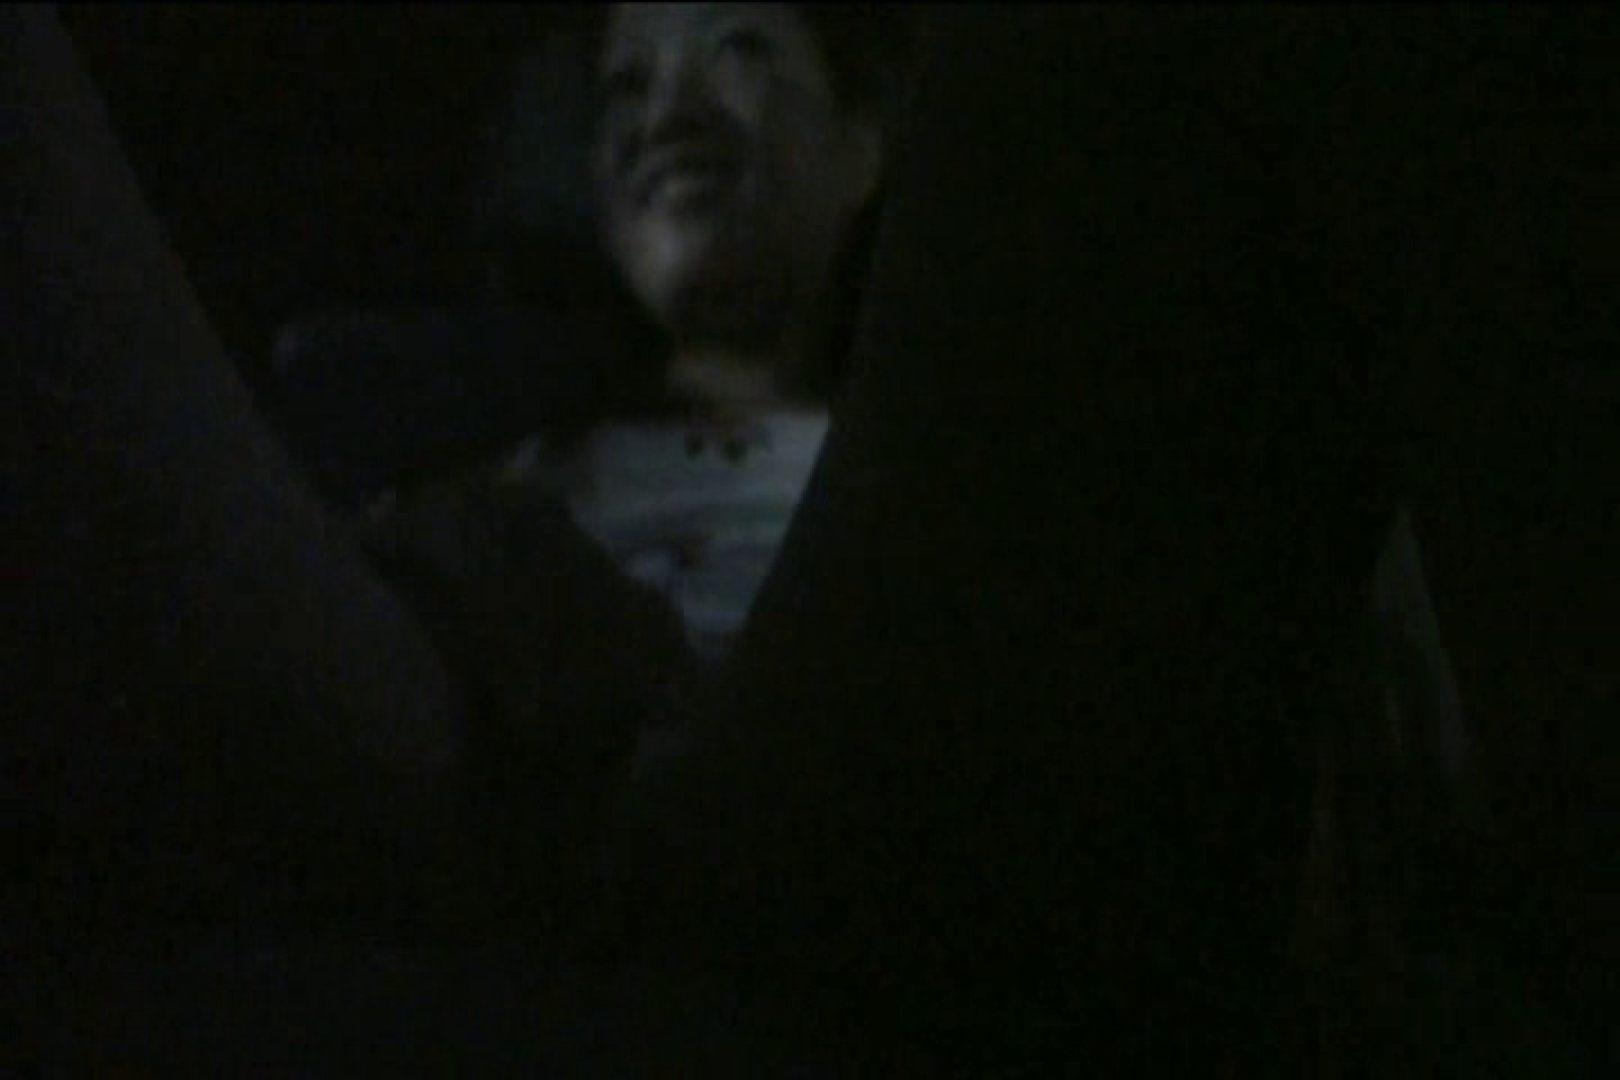 車内で初めまして! vol01 ハプニング 濡れ場動画紹介 105連発 80